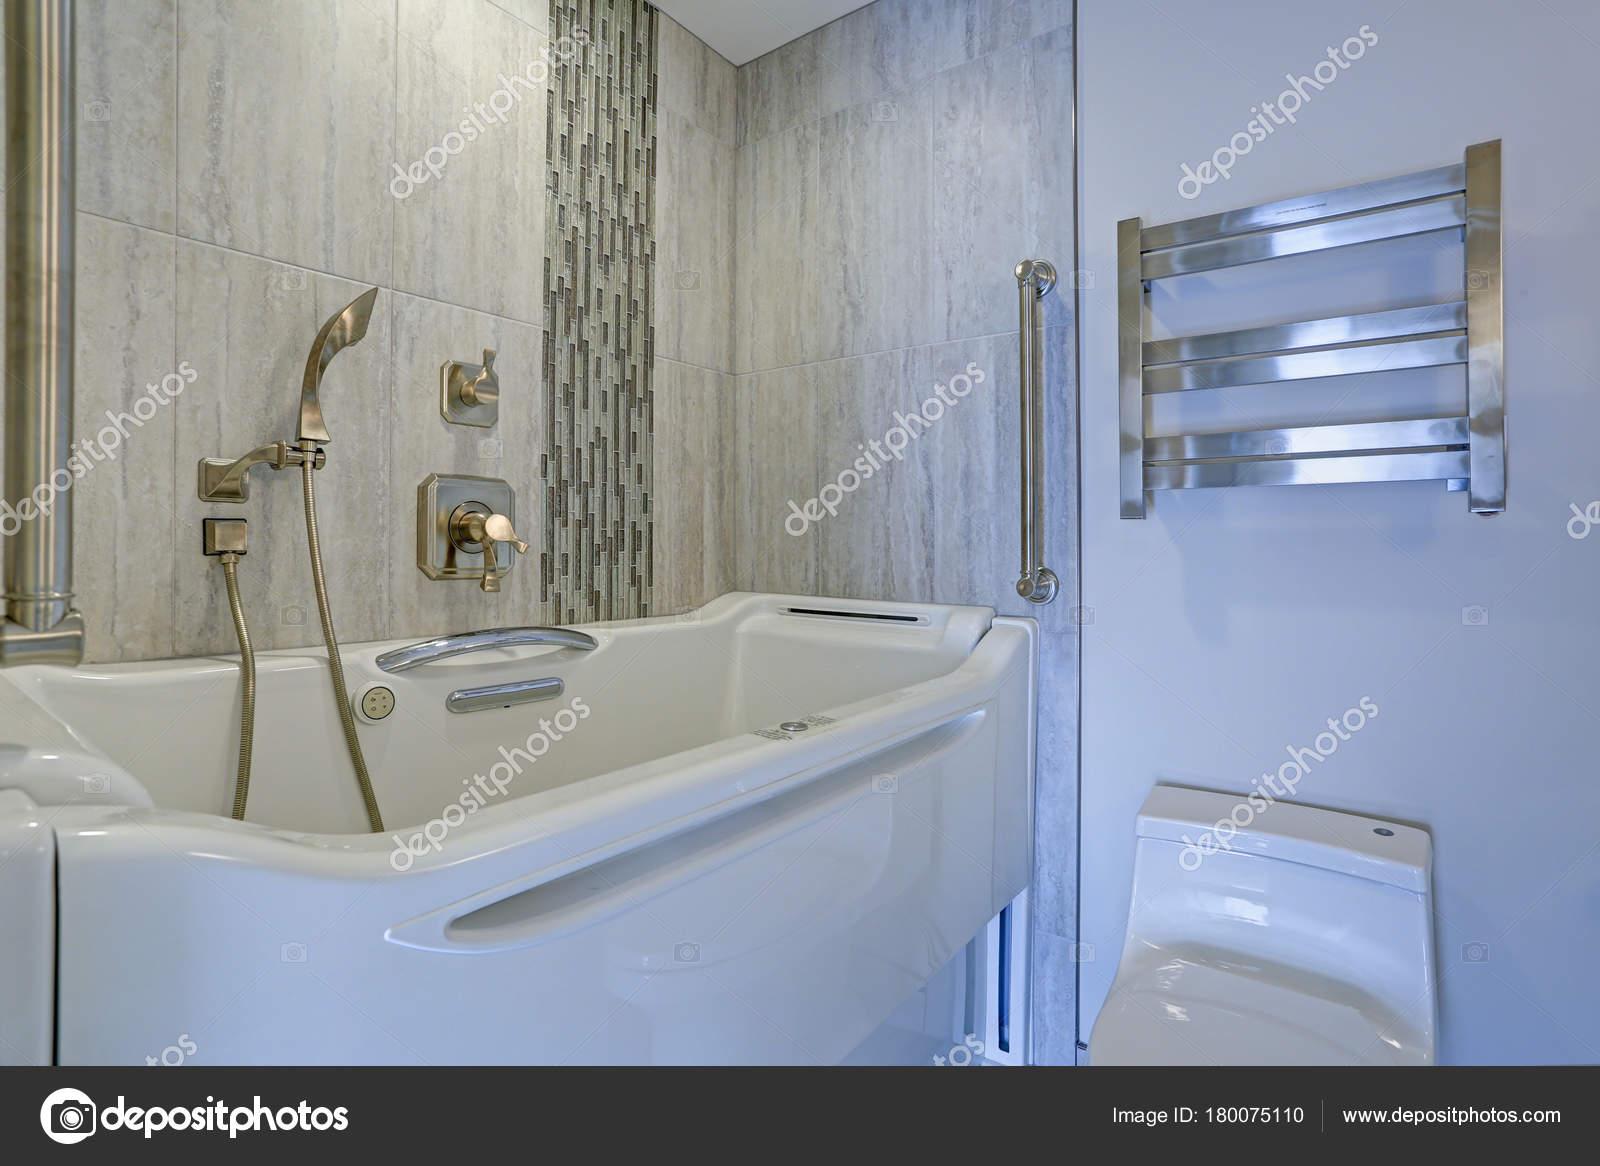 Jacuzzi ducha vertical dise o de ba o moderno con ba era for Banera con yacusi